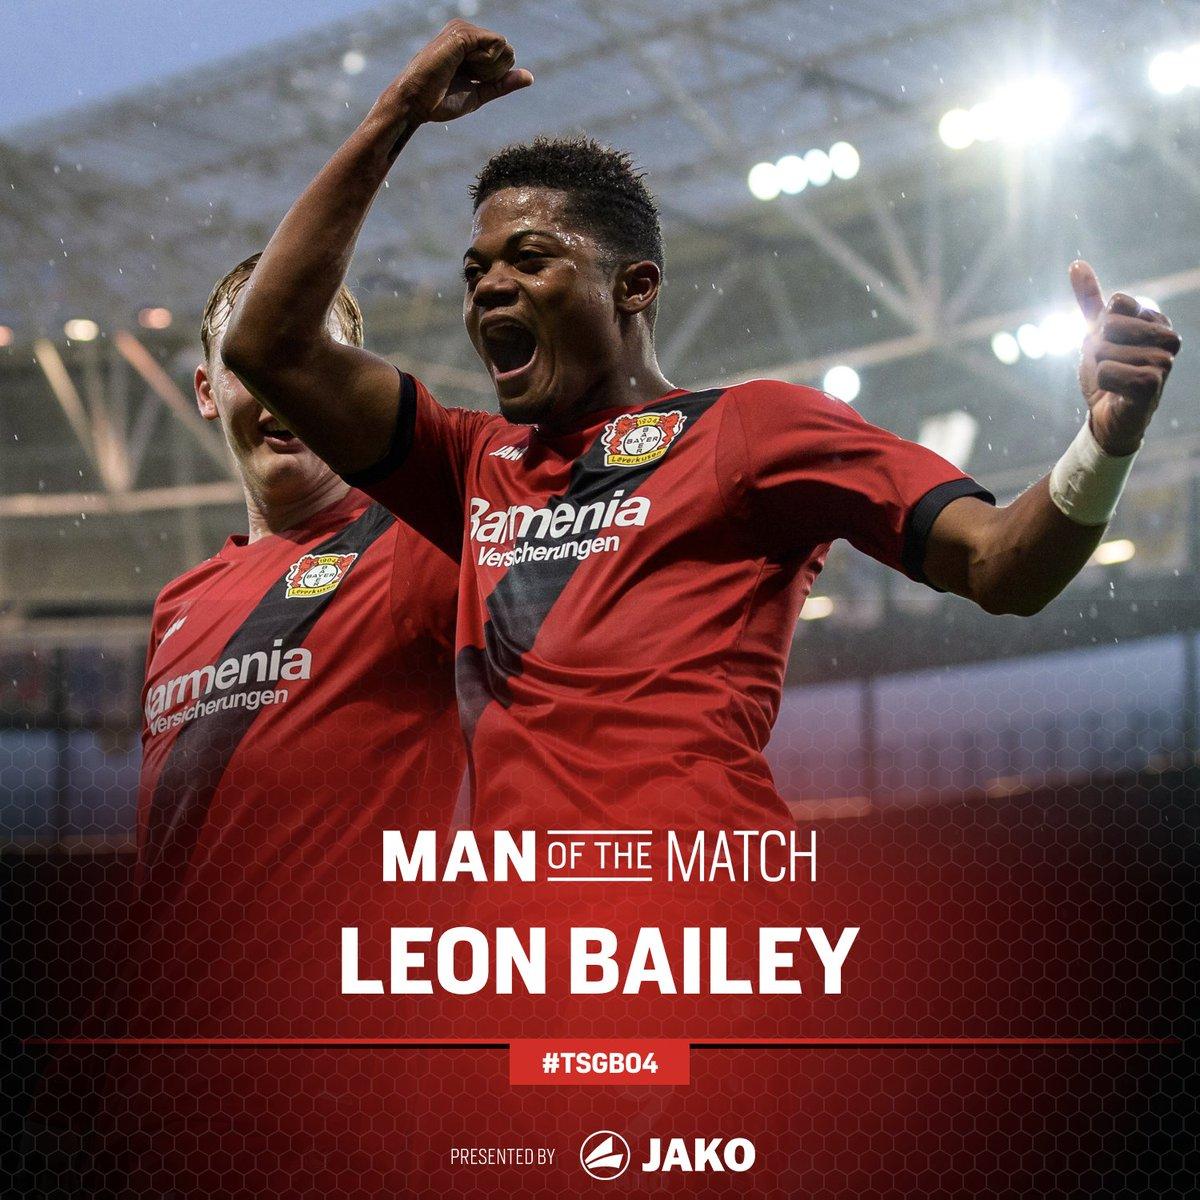 RT @bayer04fussball: Keine Frage - euer Mann des Spiels! 🖤❤️  Herzlichen Glückwunsch @leonbailey! 👏  #TSGB04 https://t.co/8tCwxkVK8m